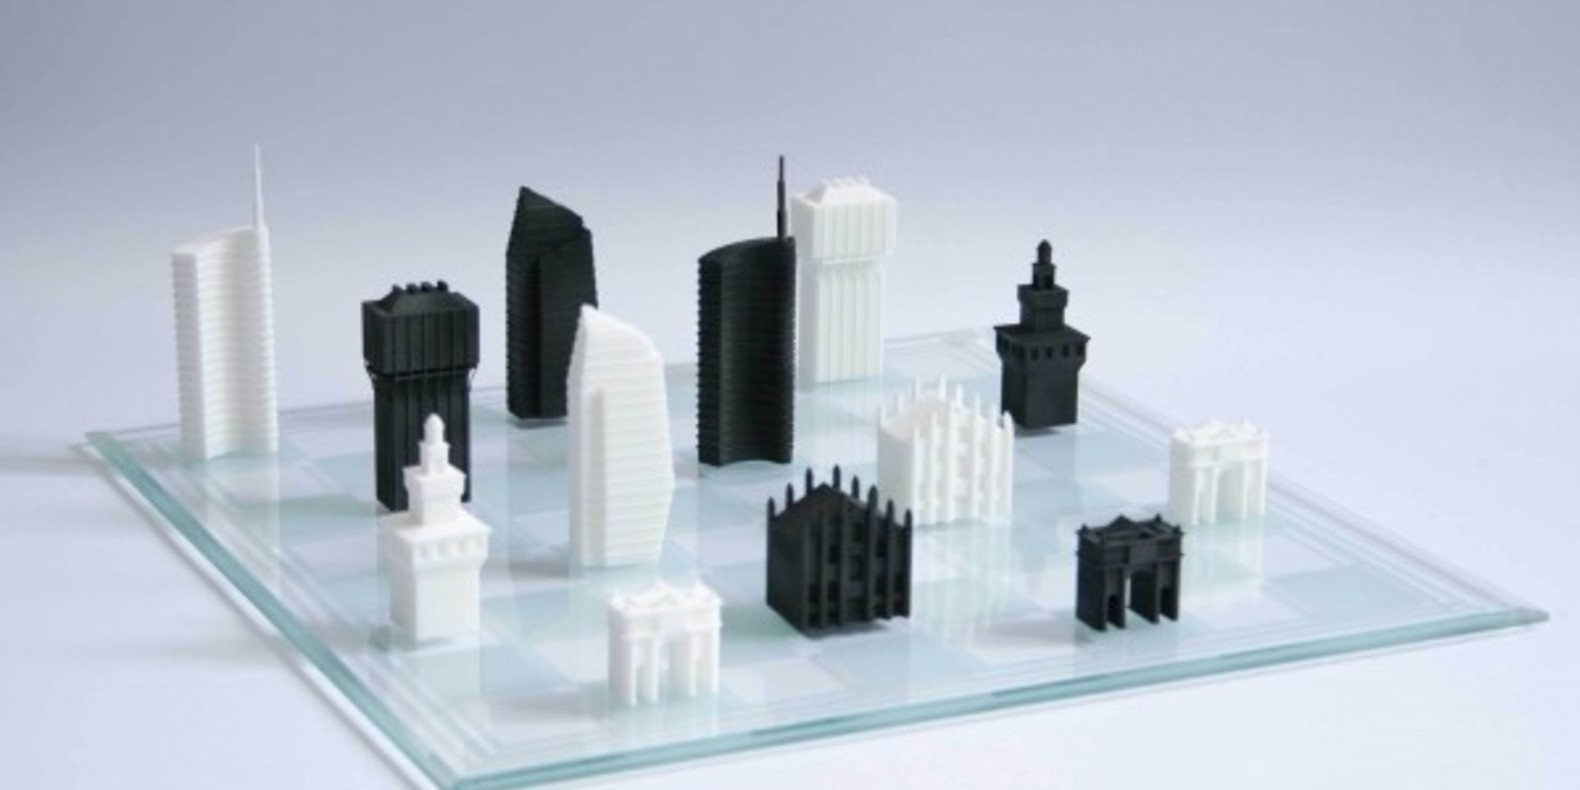 3D printed chess set imprimé en 3D jeu d'échecs cults fichier STL davide chiesa 1